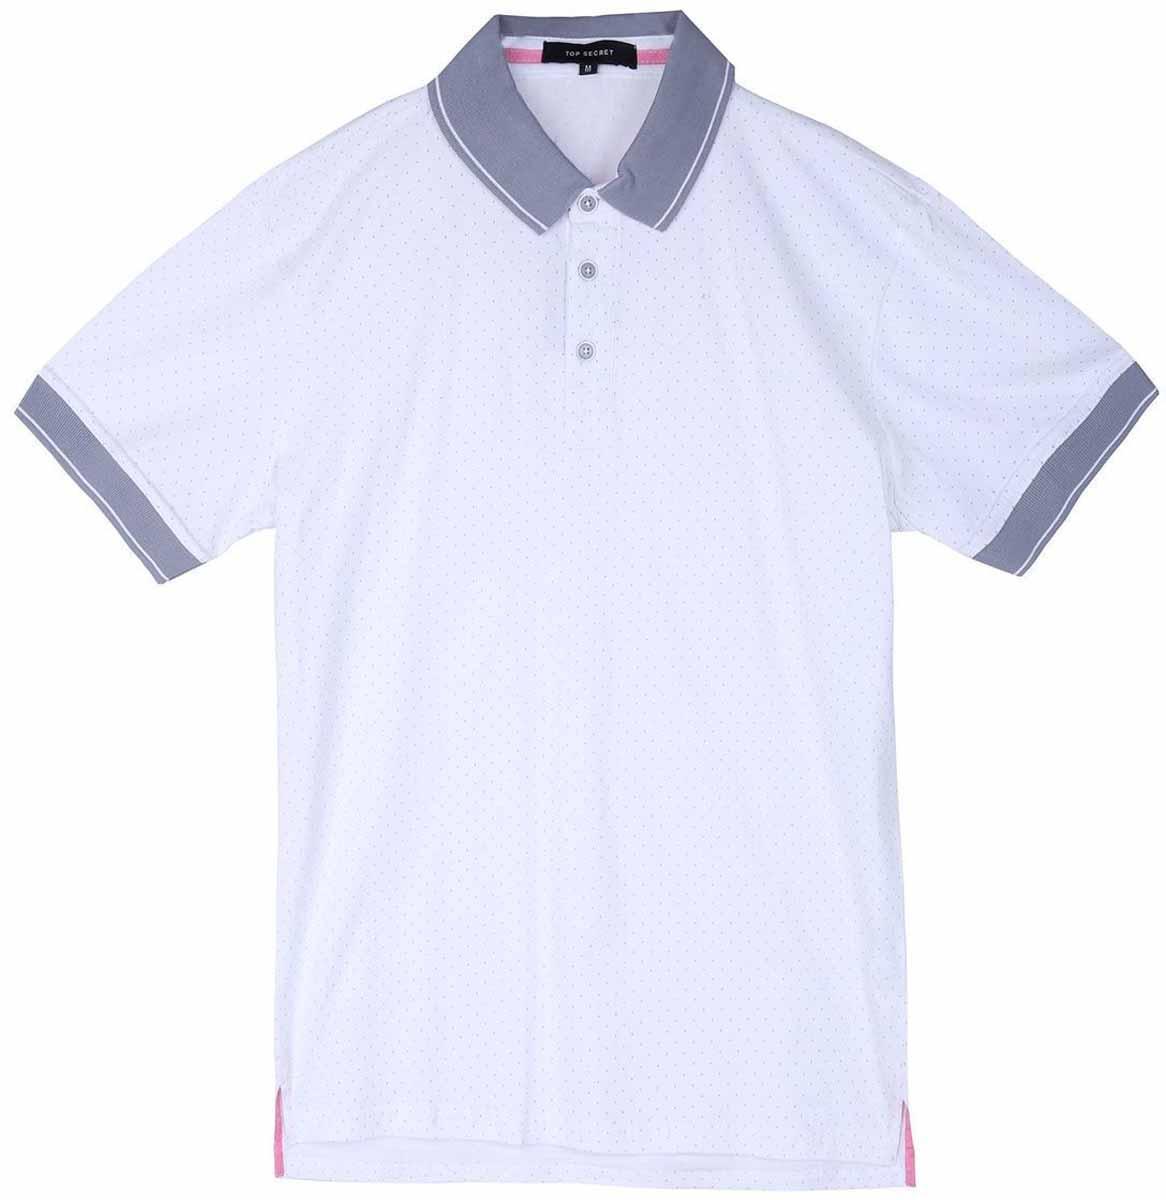 Поло мужское Top Secret, цвет: белый. SKP0392BI. Размер M (48)SKP0392BIМужская футболка-поло Top Secret поможет создать отличный современный образ в стиле Casual. Модель изготовлена из хлопка. Футболка-поло с отложным воротником и короткими рукавами застегивается сверху на три пуговицы. Такая футболка станет стильным дополнением к вашему гардеробу, она подарит вам комфорт в течение всего дня!